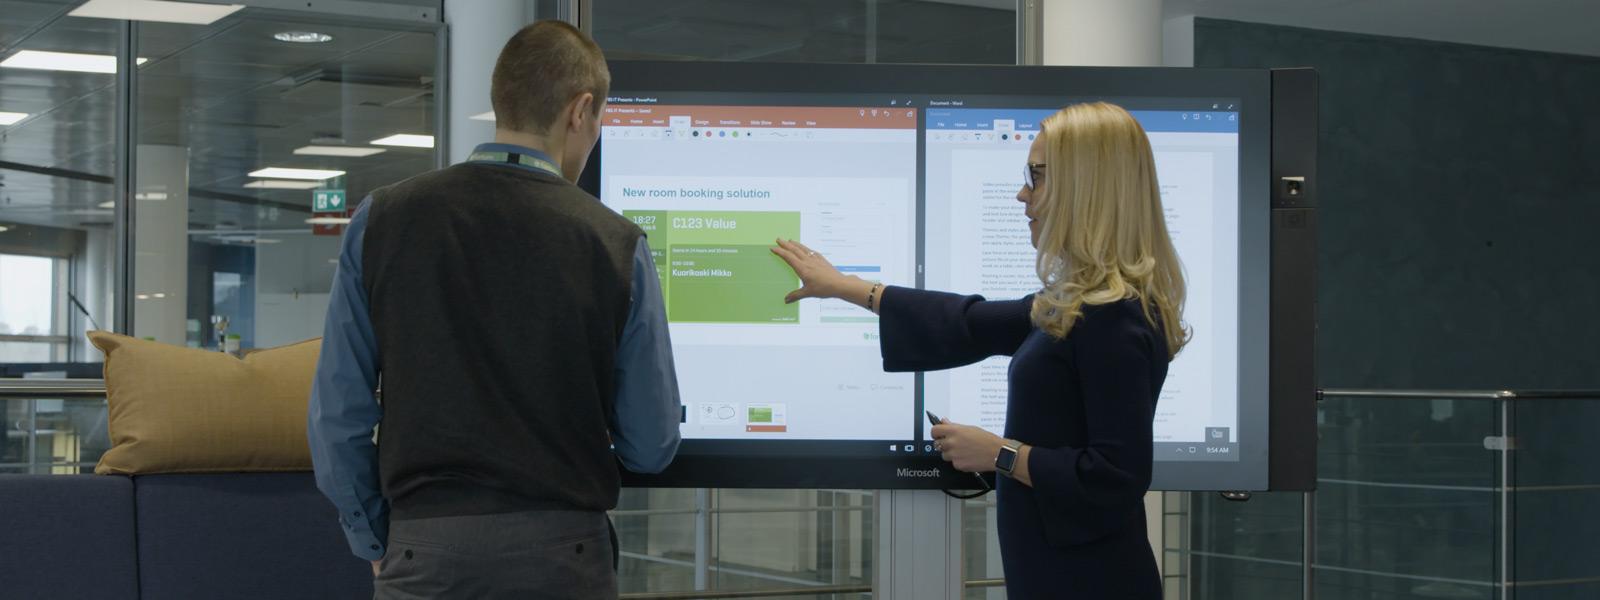 En kvinna och en man står framför en hubb med PowerPoint och Word öppna på skärmen